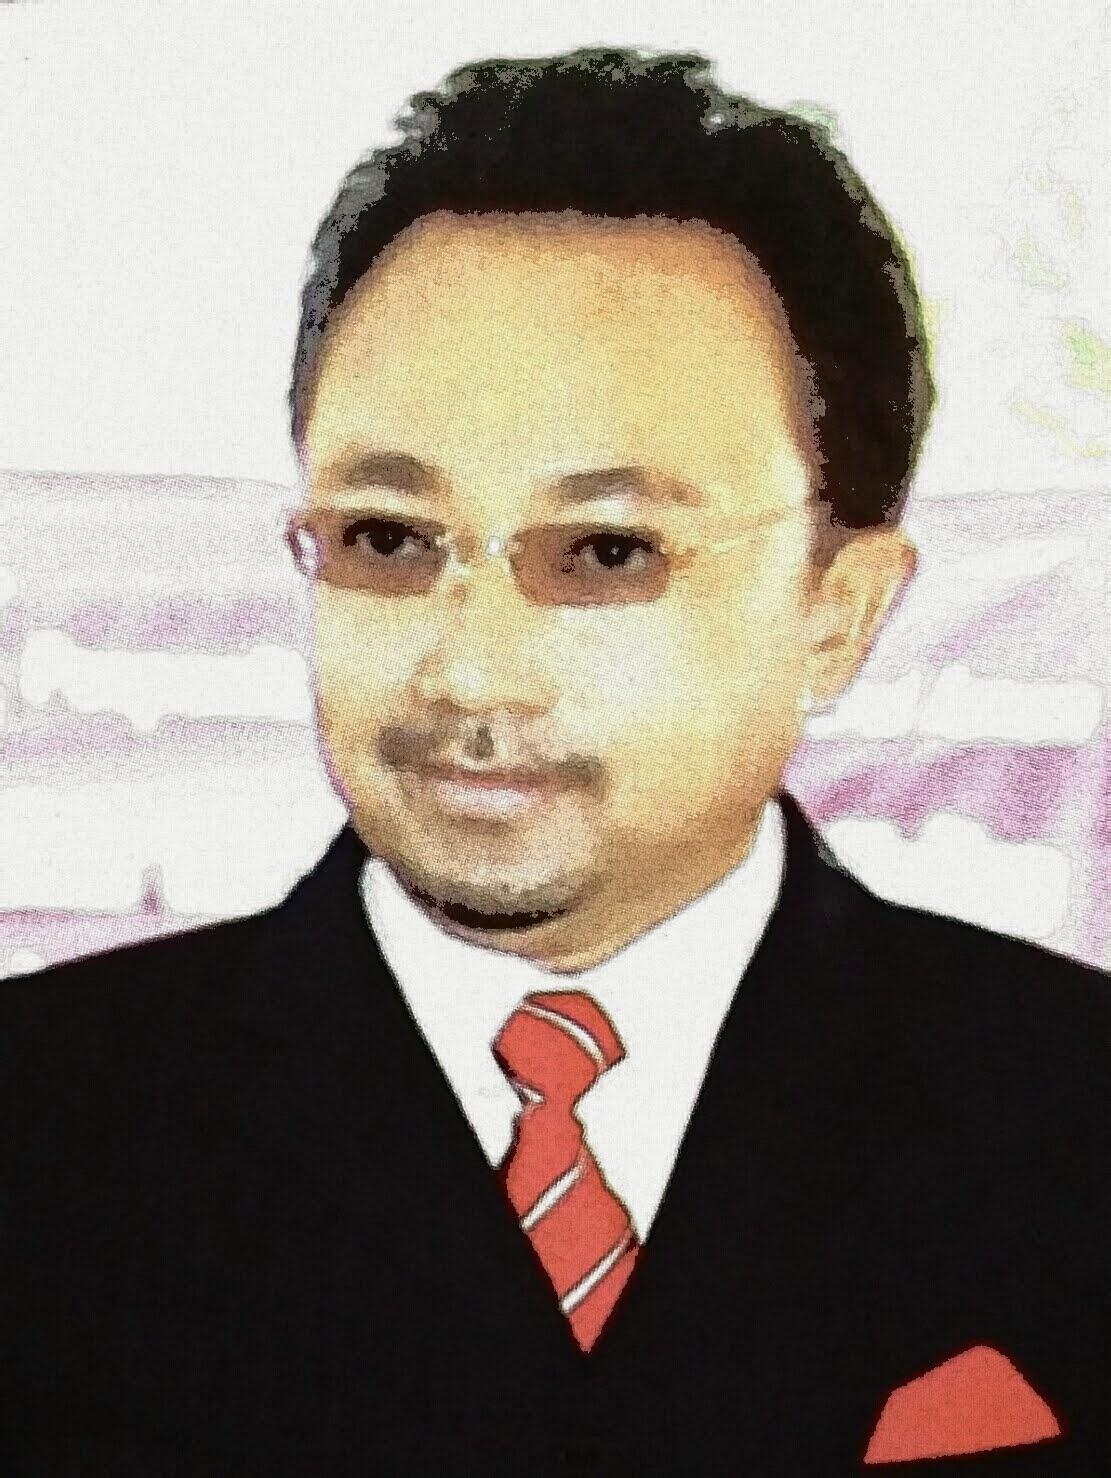 Ammar b. Dato' Shaikh Mahmod Naim